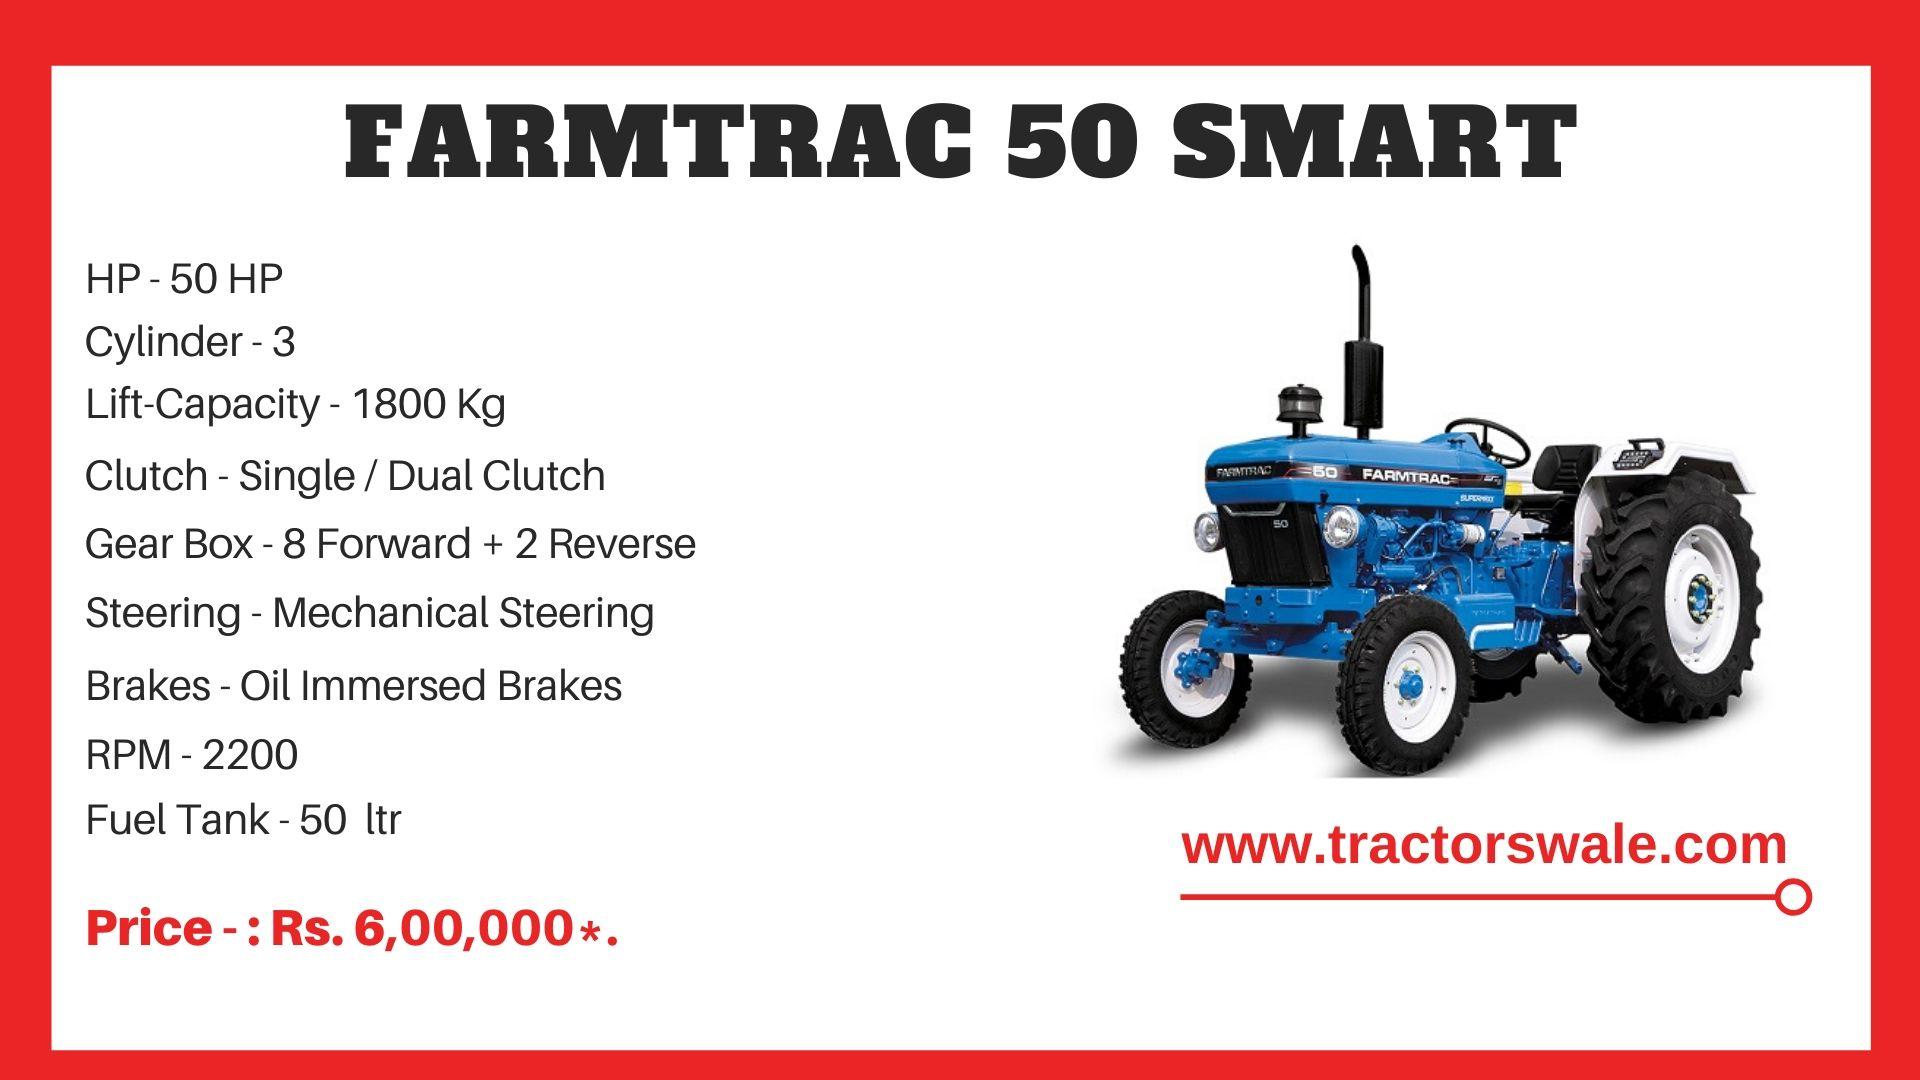 Farmtrac 50 Smart tractor price